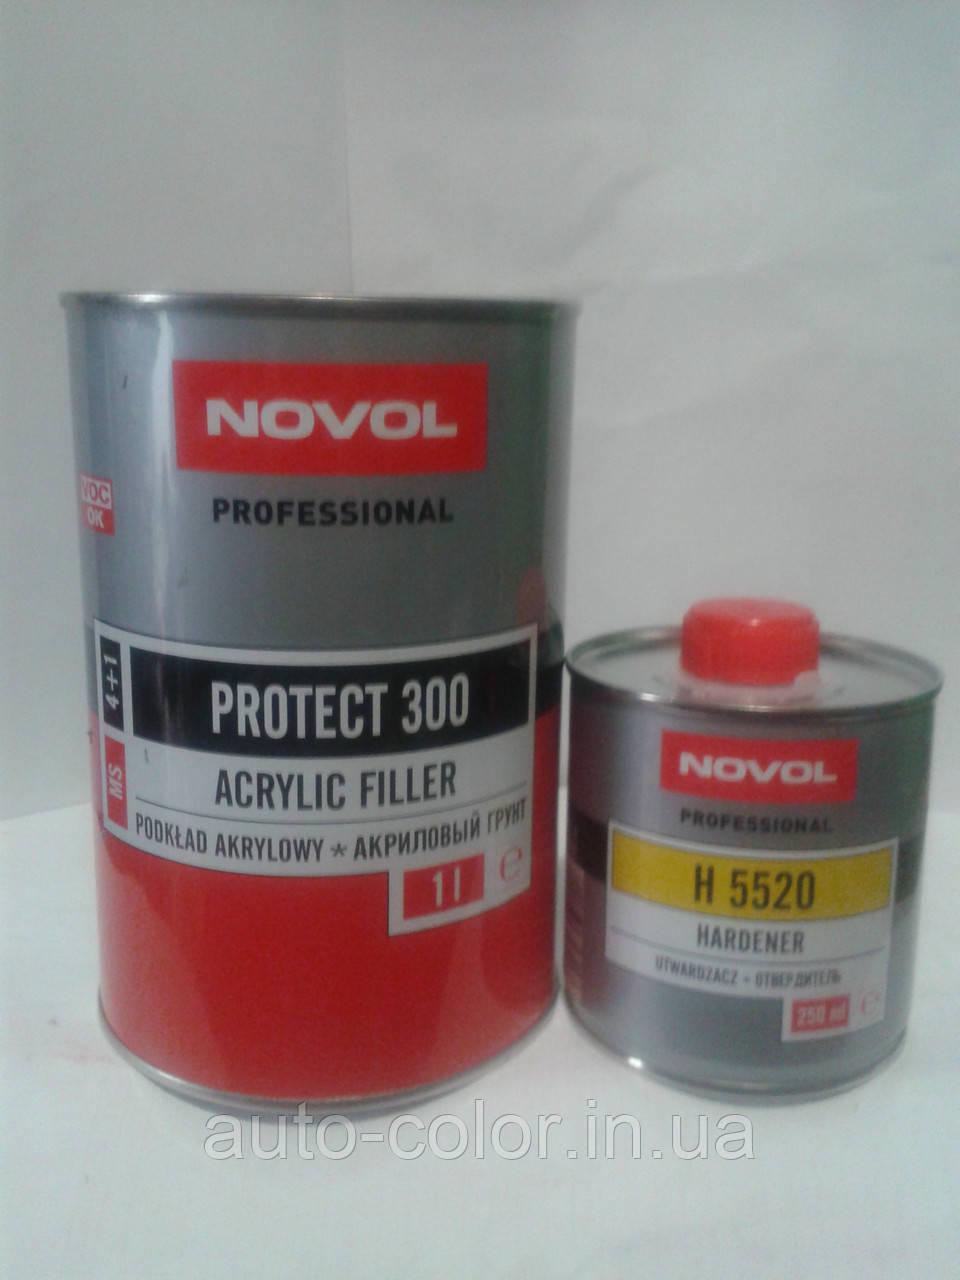 Грунт акриловий 4+1 PROTECT 300 Novol (1л) + затверджувач (0,25 л), сірий